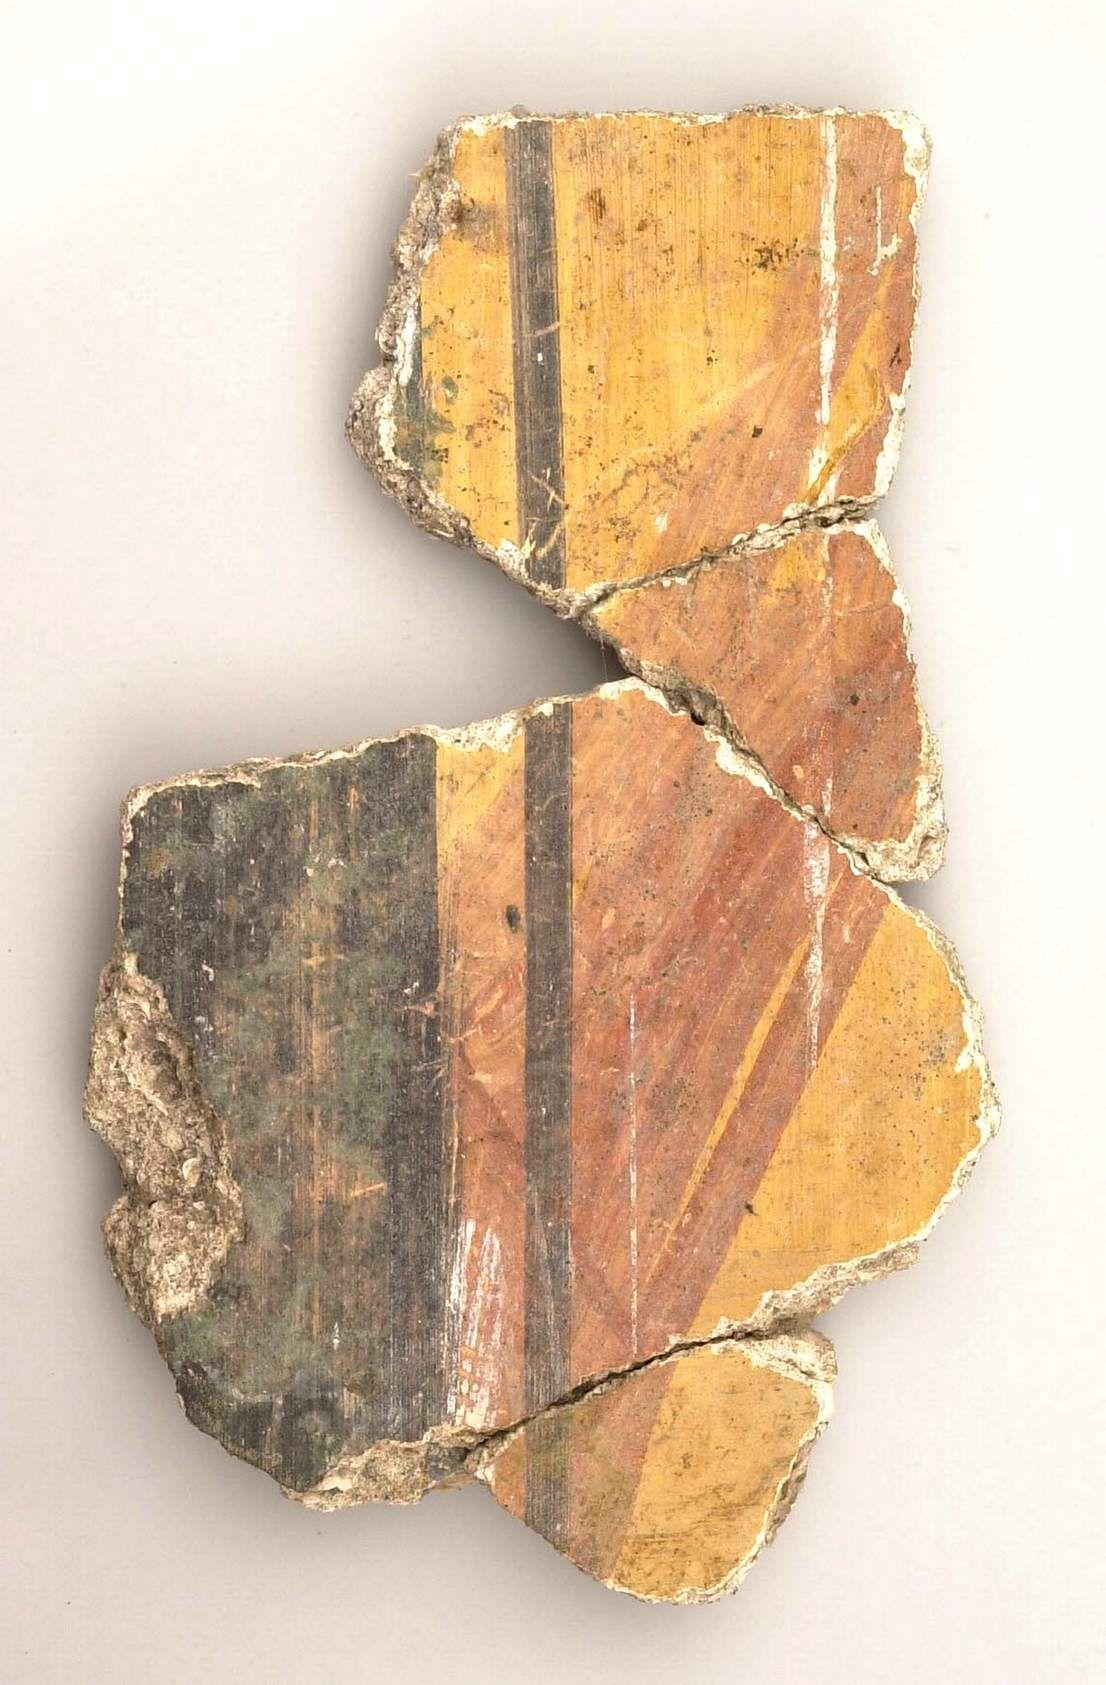 Romeinse muurschildering uit Aardenburg, met imitaties van groen porfier en geel-rood giallo antico-marmer (beeldbank SCEZ).